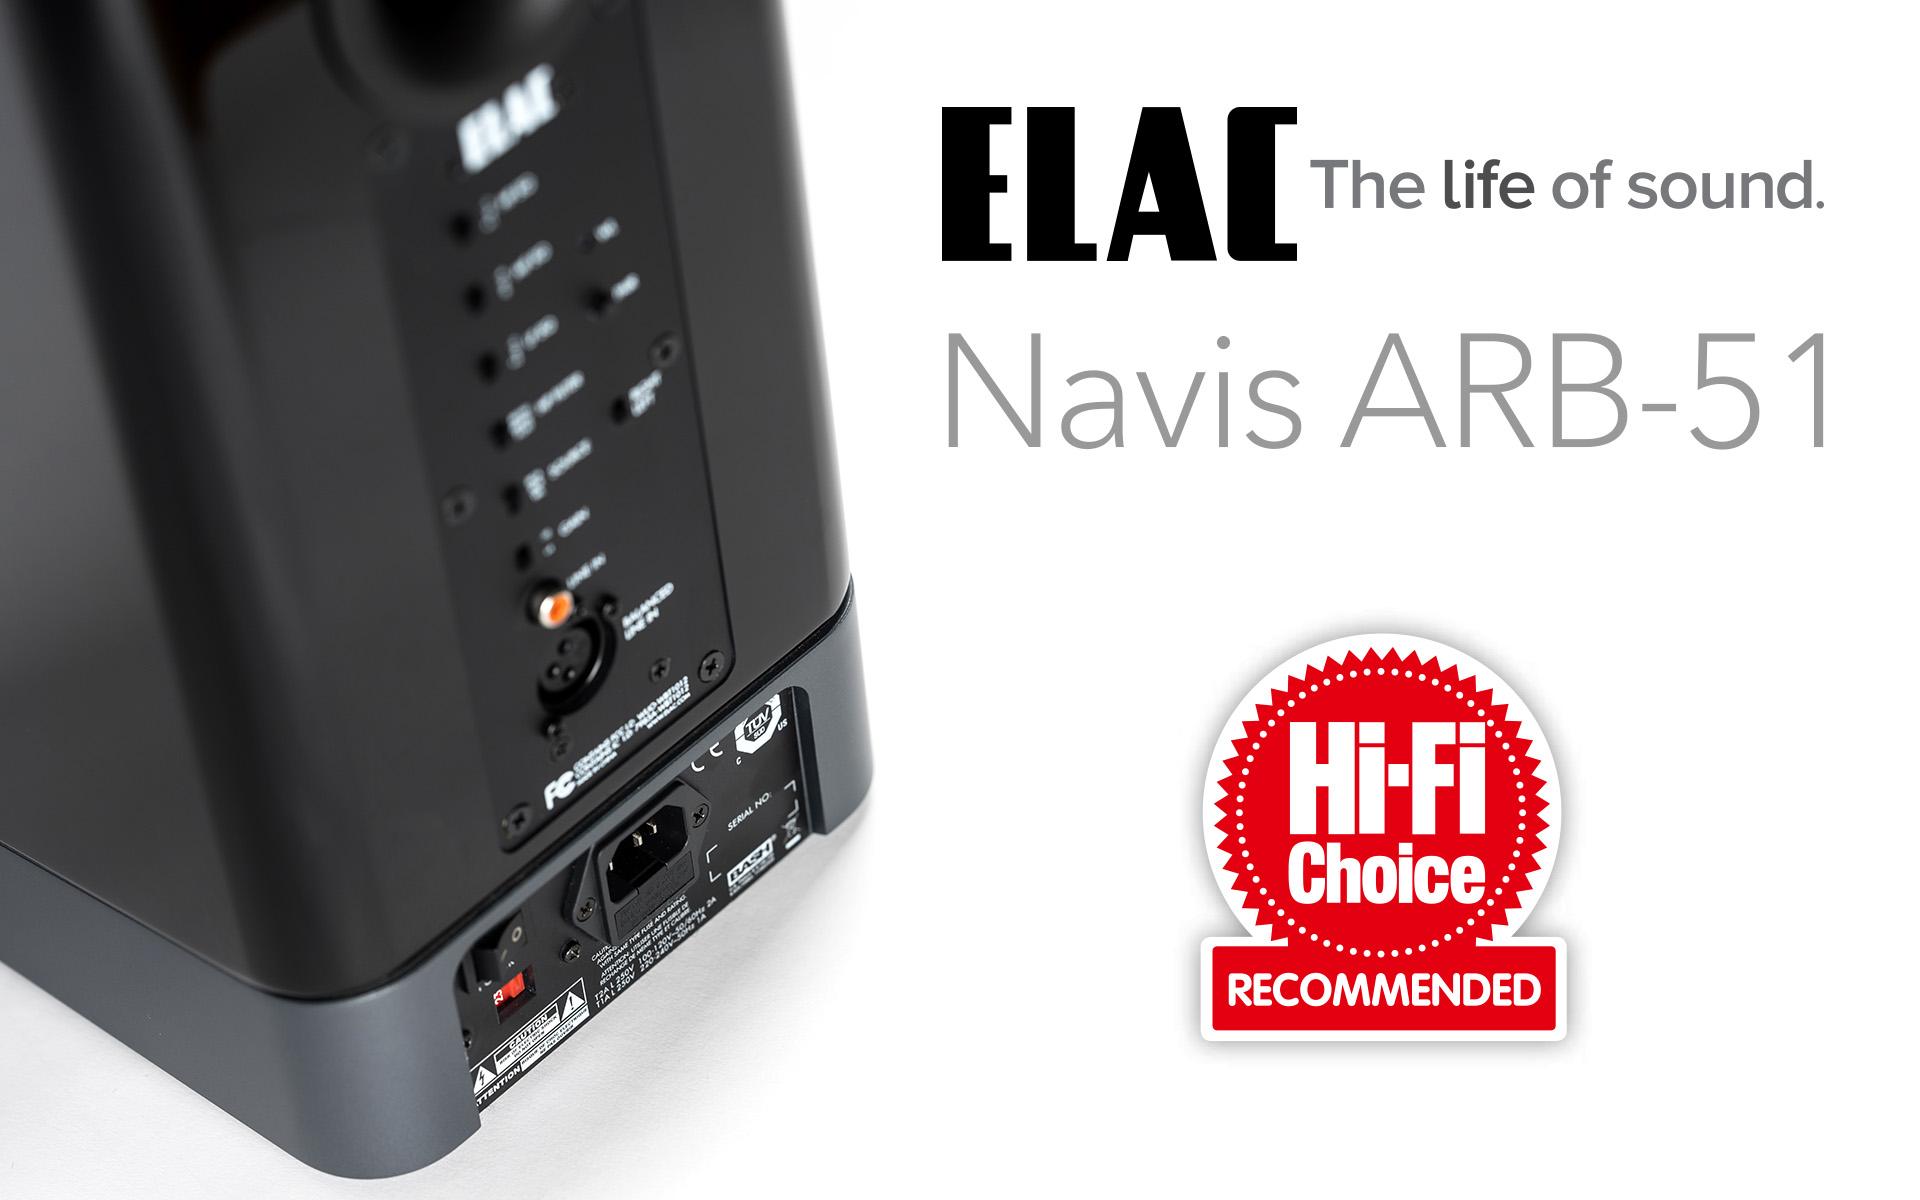 Активный полочник ELAC Navis ARB-51: когда музыка – на первом плане